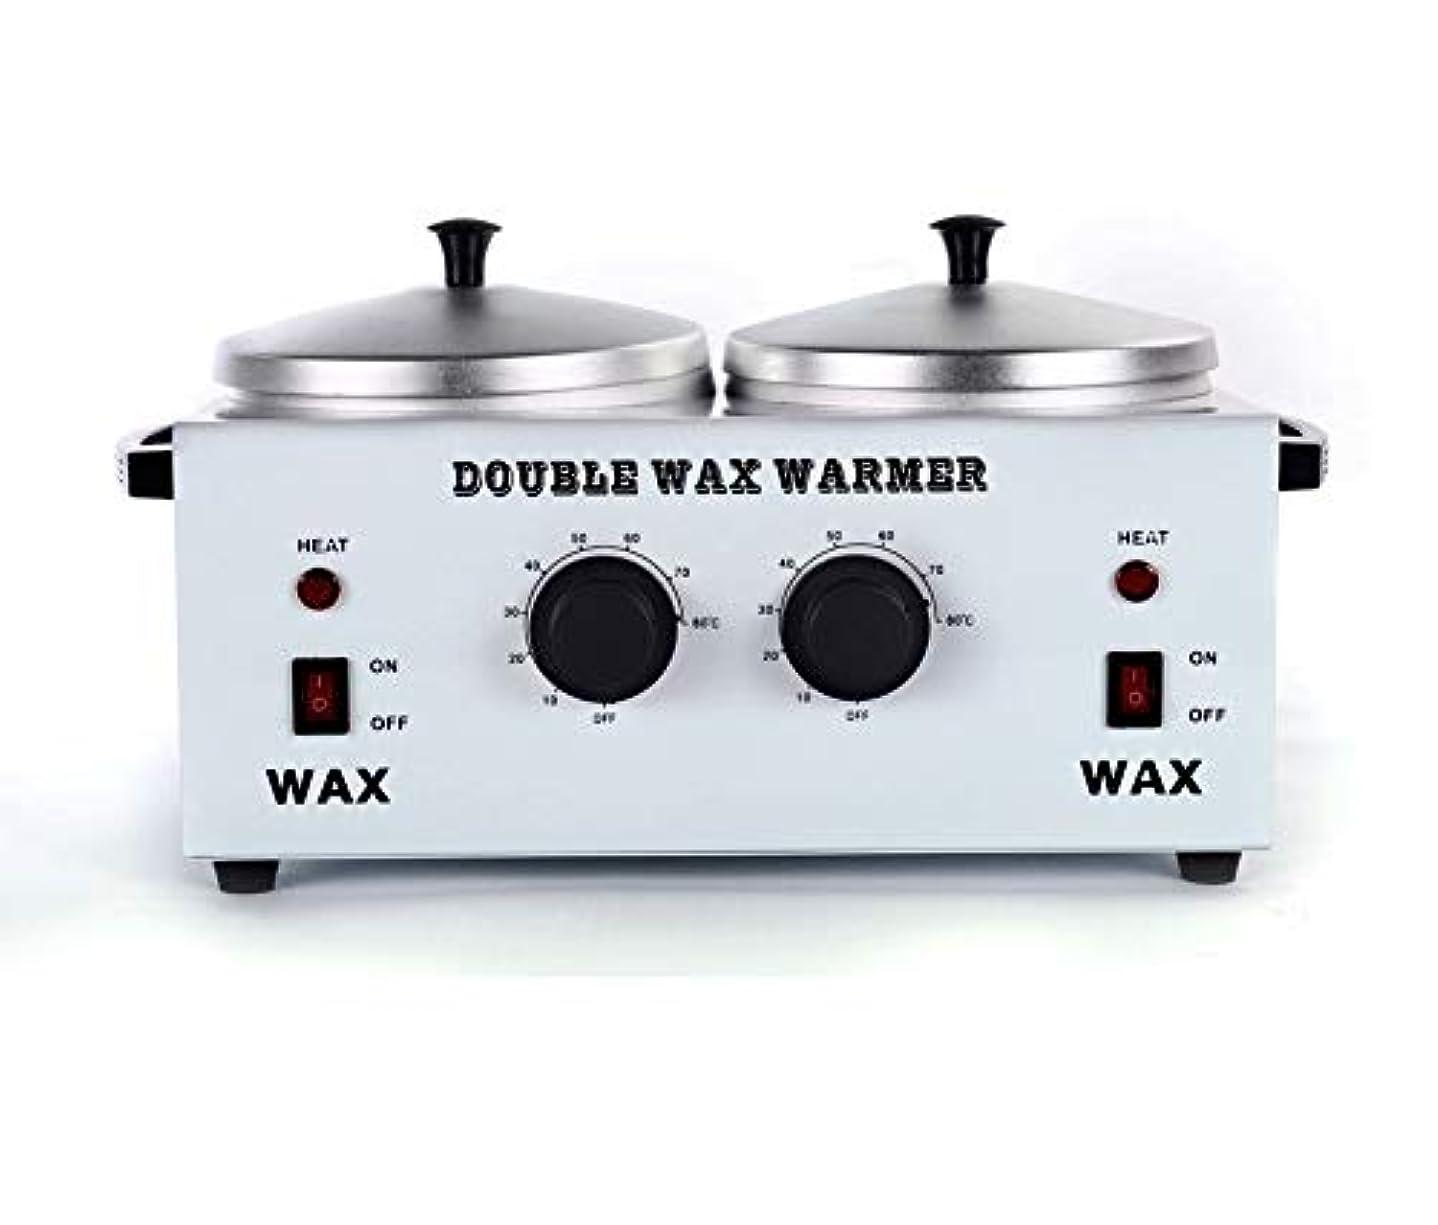 揮発性パースブラックボロウインドワックスヒータープロフェッショナルダブルポット脱毛ワックスウォーマー、すべてのWAXS(ソフト、ハード、パラフィン)用電動ワックスヒーター機械ファストメルトポータブル人種のるつぼ